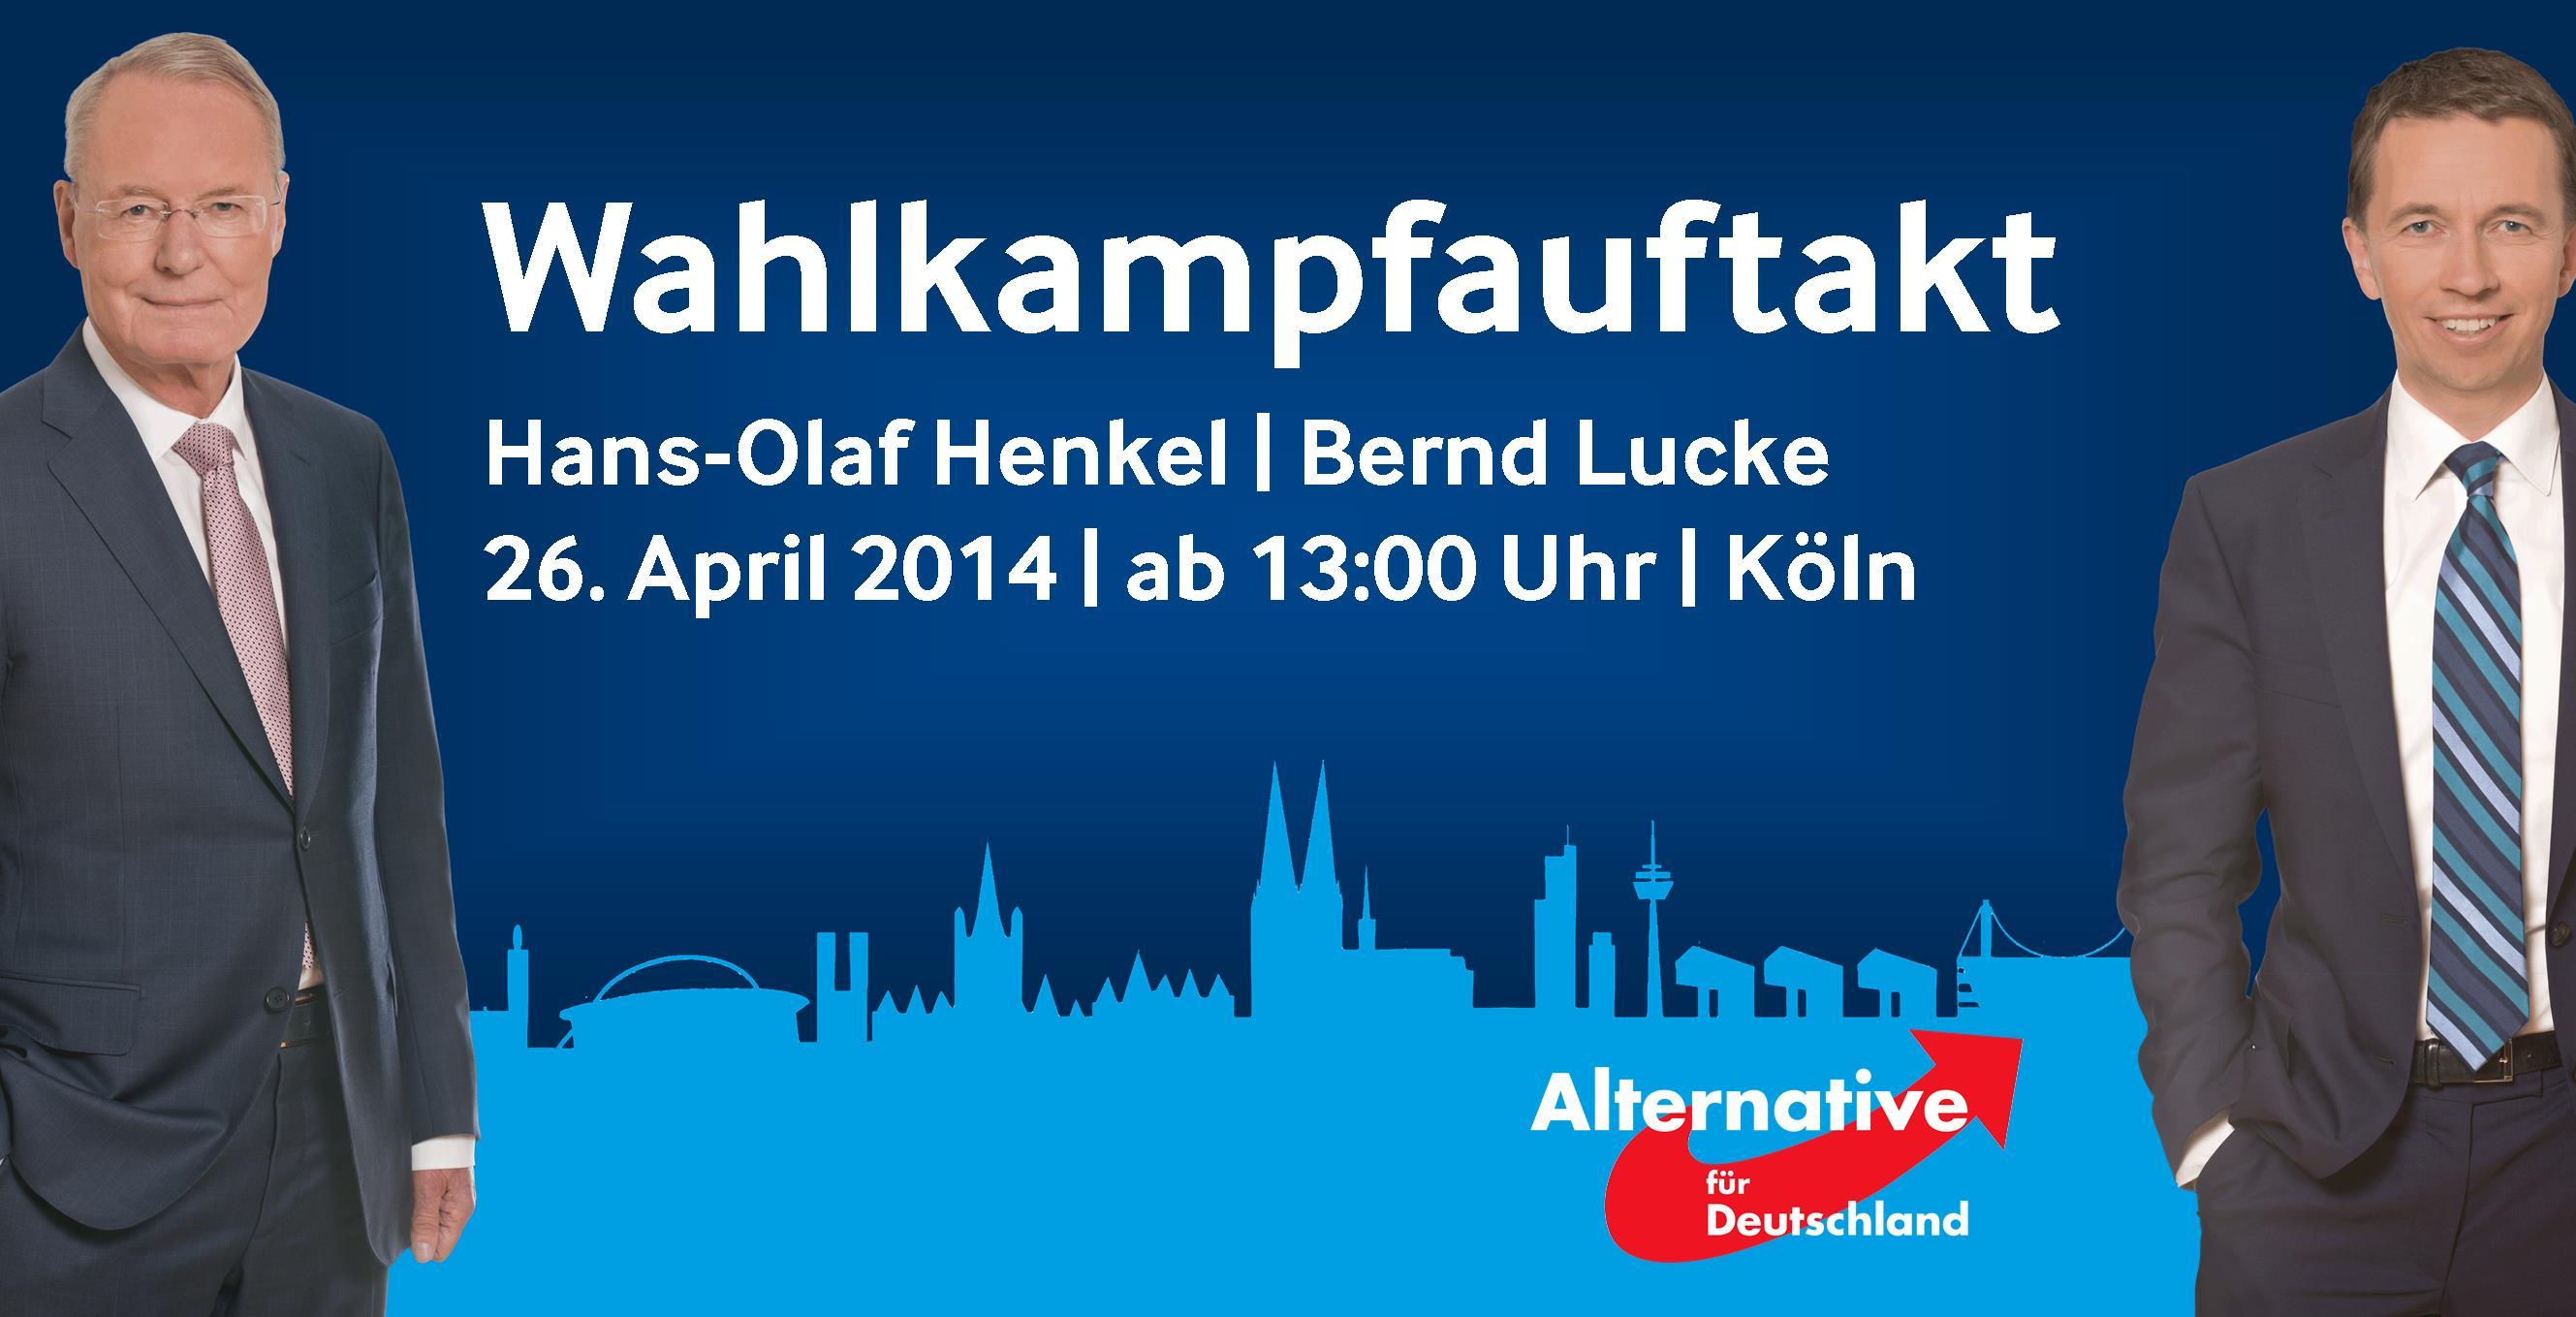 Sa. 26.04.2014, Wahlkampfauftakt in Köln